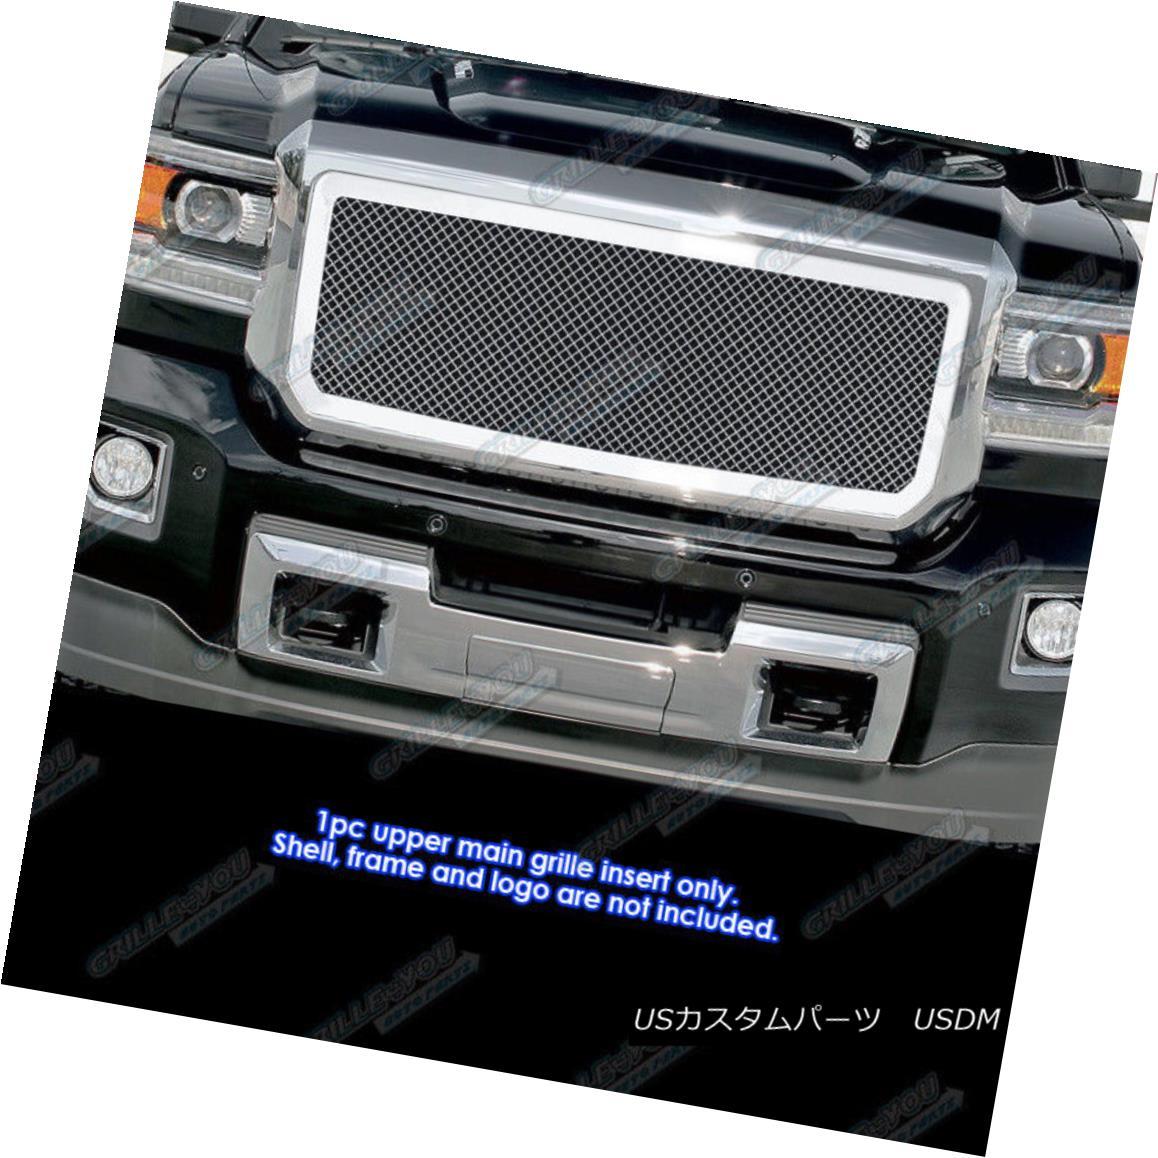 グリル Fits 2015-2017 GMC Sierra 2500/3500 Stainless Steel Mesh Grille Insert フィット2015-2017 GMC Sierra 2500/3500ステンレスメッシュグリルインサート